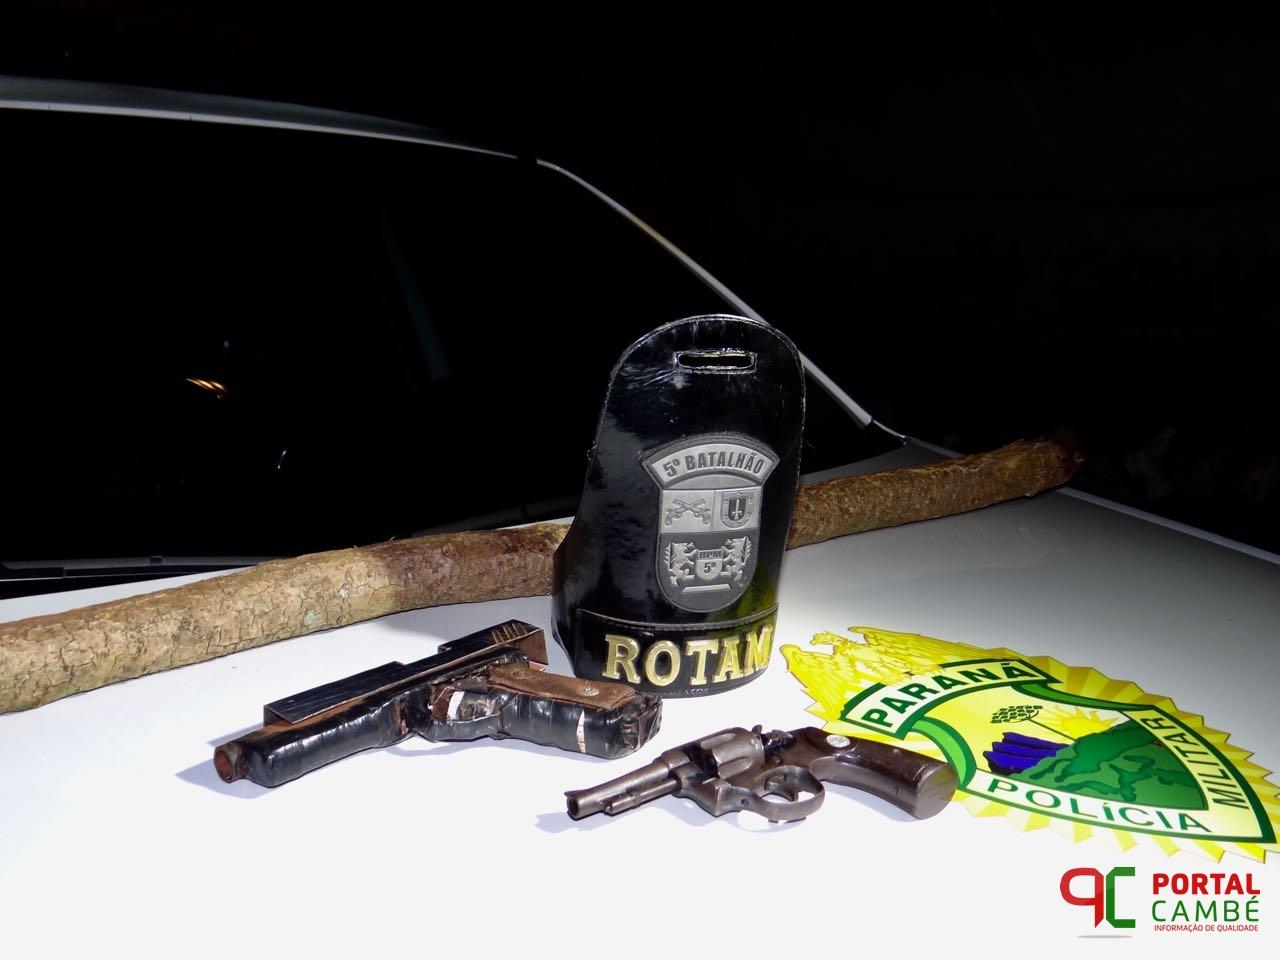 ATUALIZADA: Ação rápida da Polícia Militar evita assalto em chácara de Cambé; suspeito baleado morre no hospital